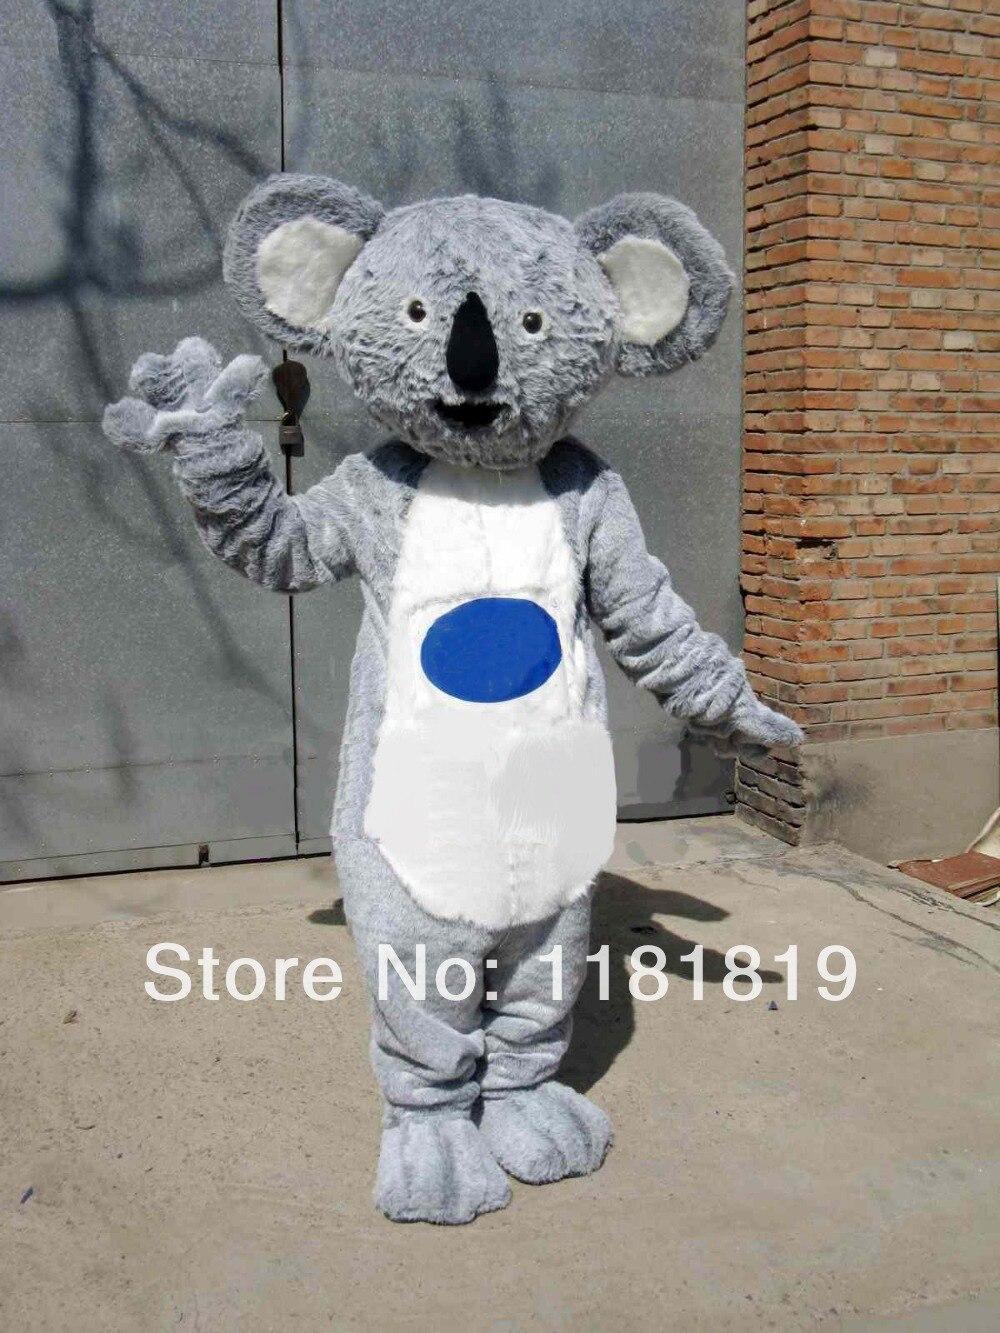 Acquista A Buon Mercato Mascotte Koala Costume Della Mascotte Vendita Calda Halloween Cartoon Character Fancy Dress Costume Di Carnevale Vestito